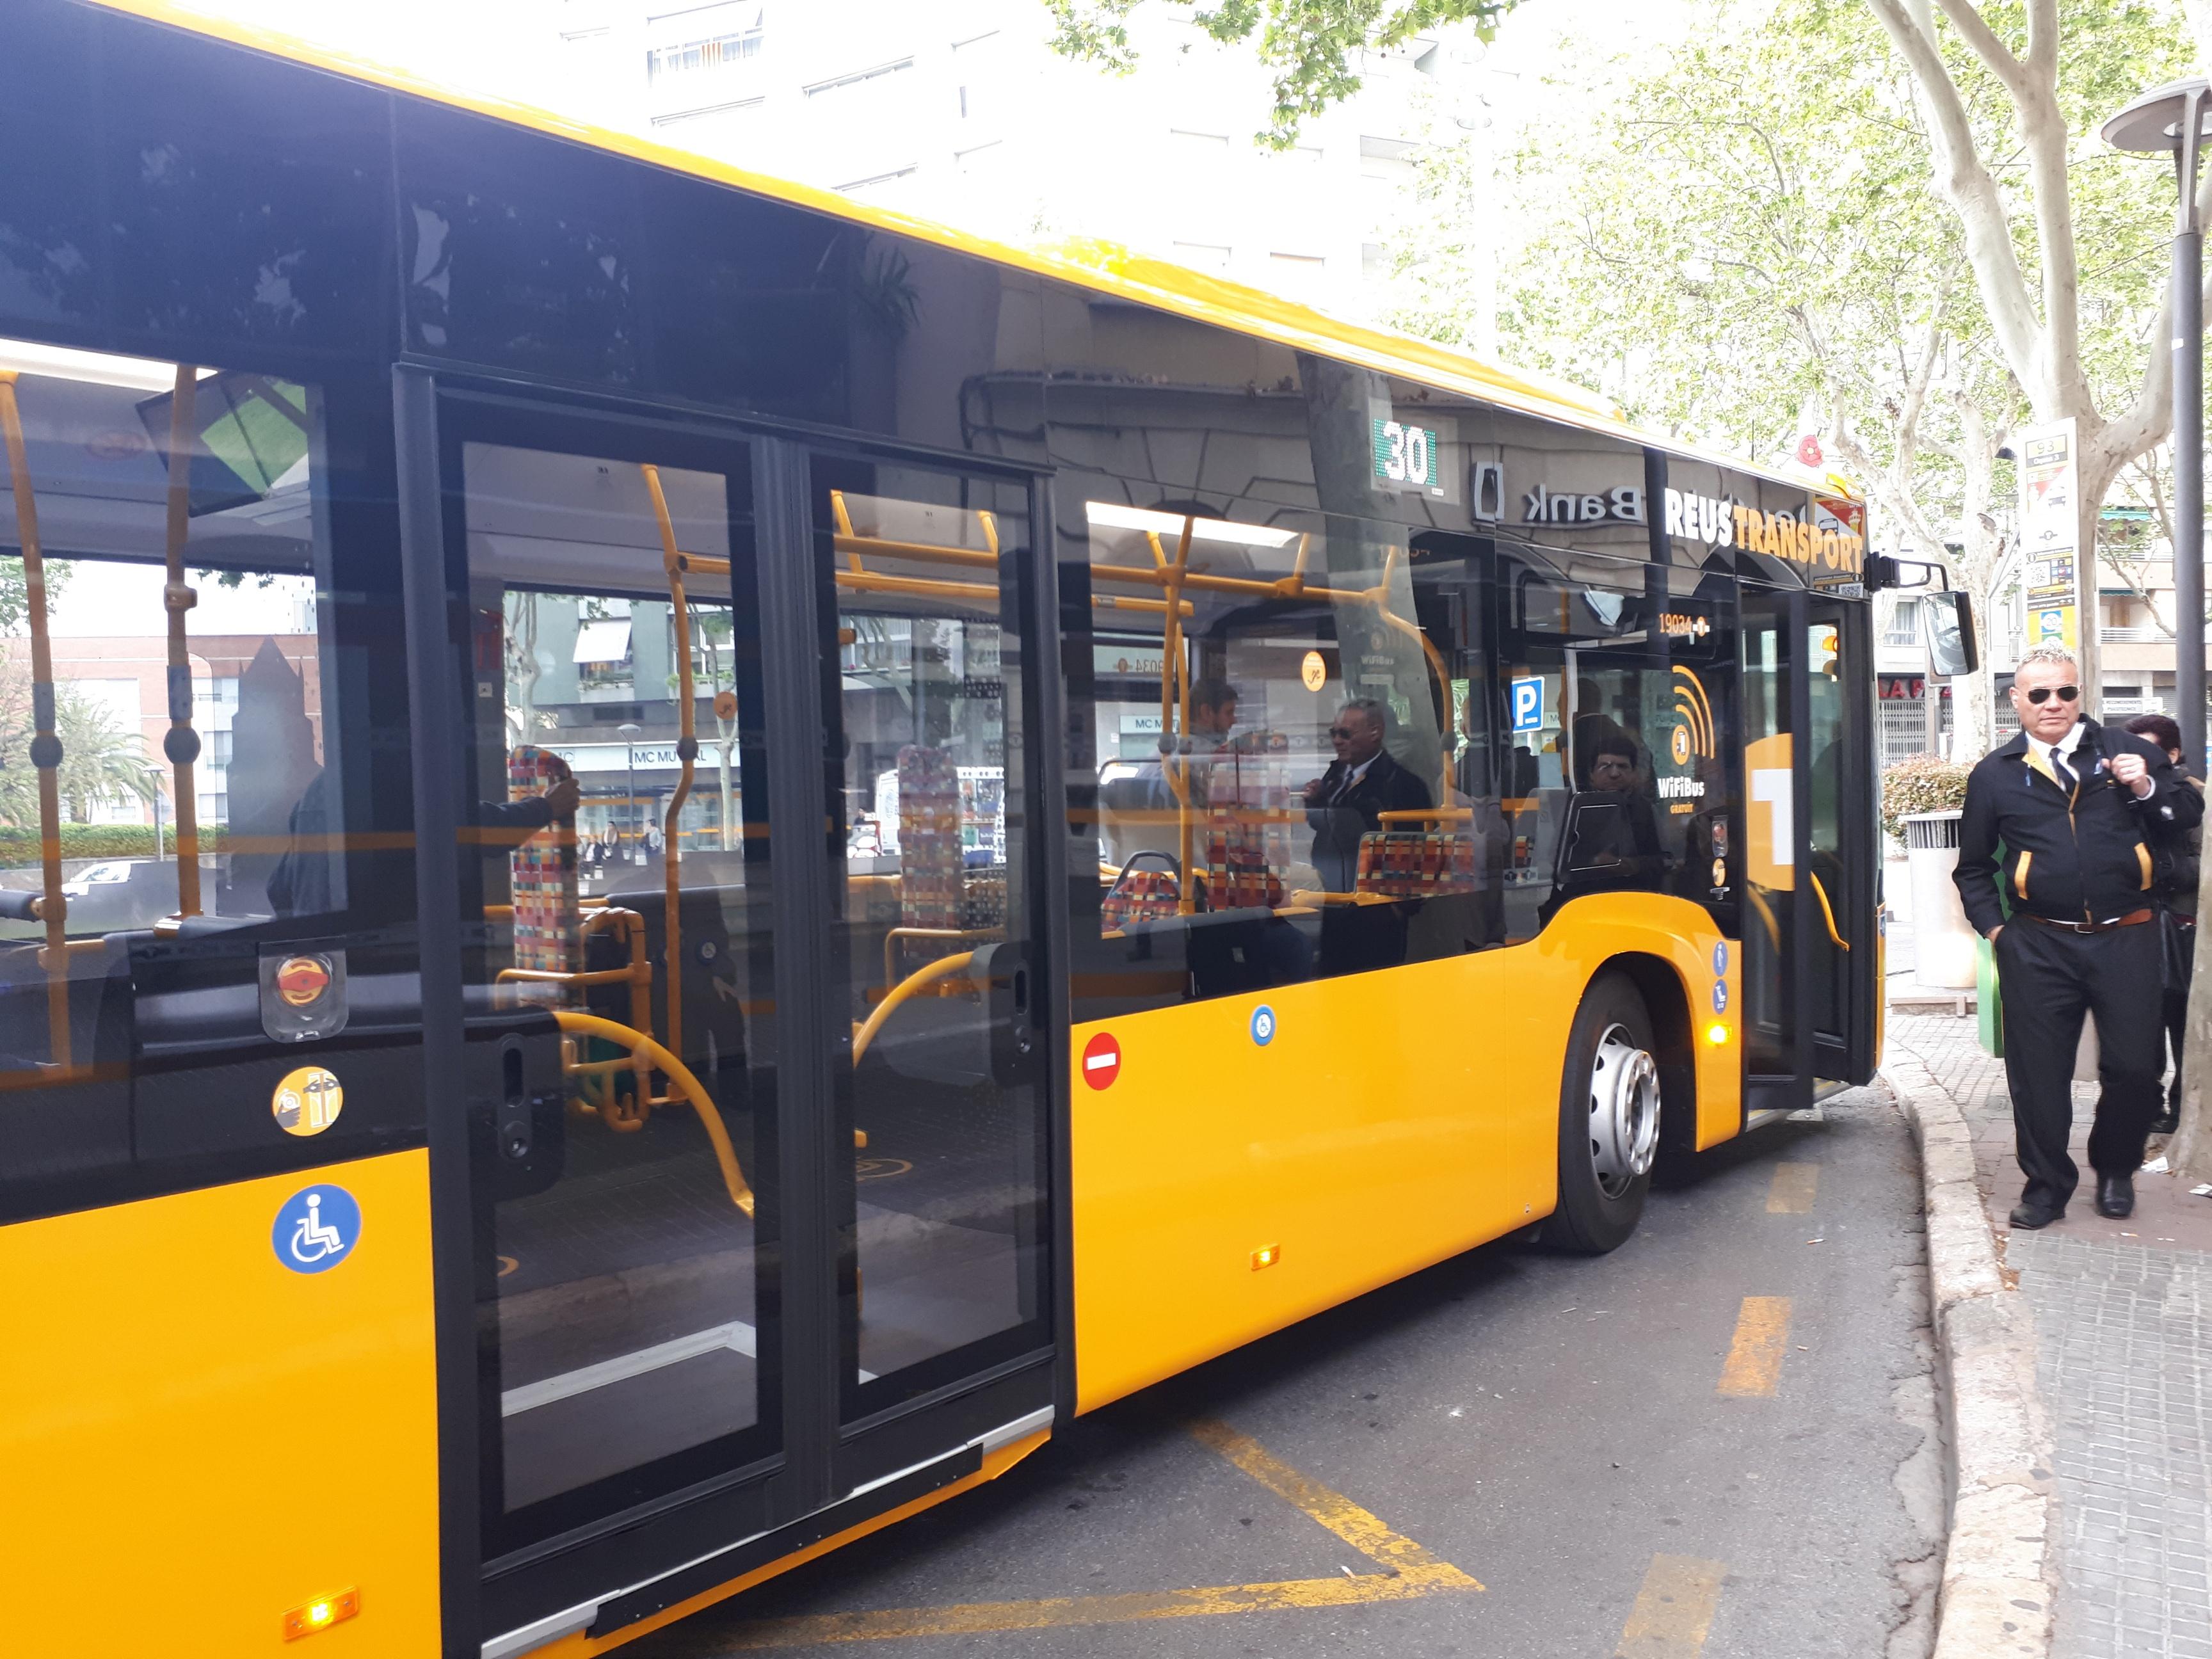 L'Ajuntament de Reus ha acordat prorrogar fins al 26 d'abril la gratuïtat del transport urbà de passatgers de la companyia municipal d'au...